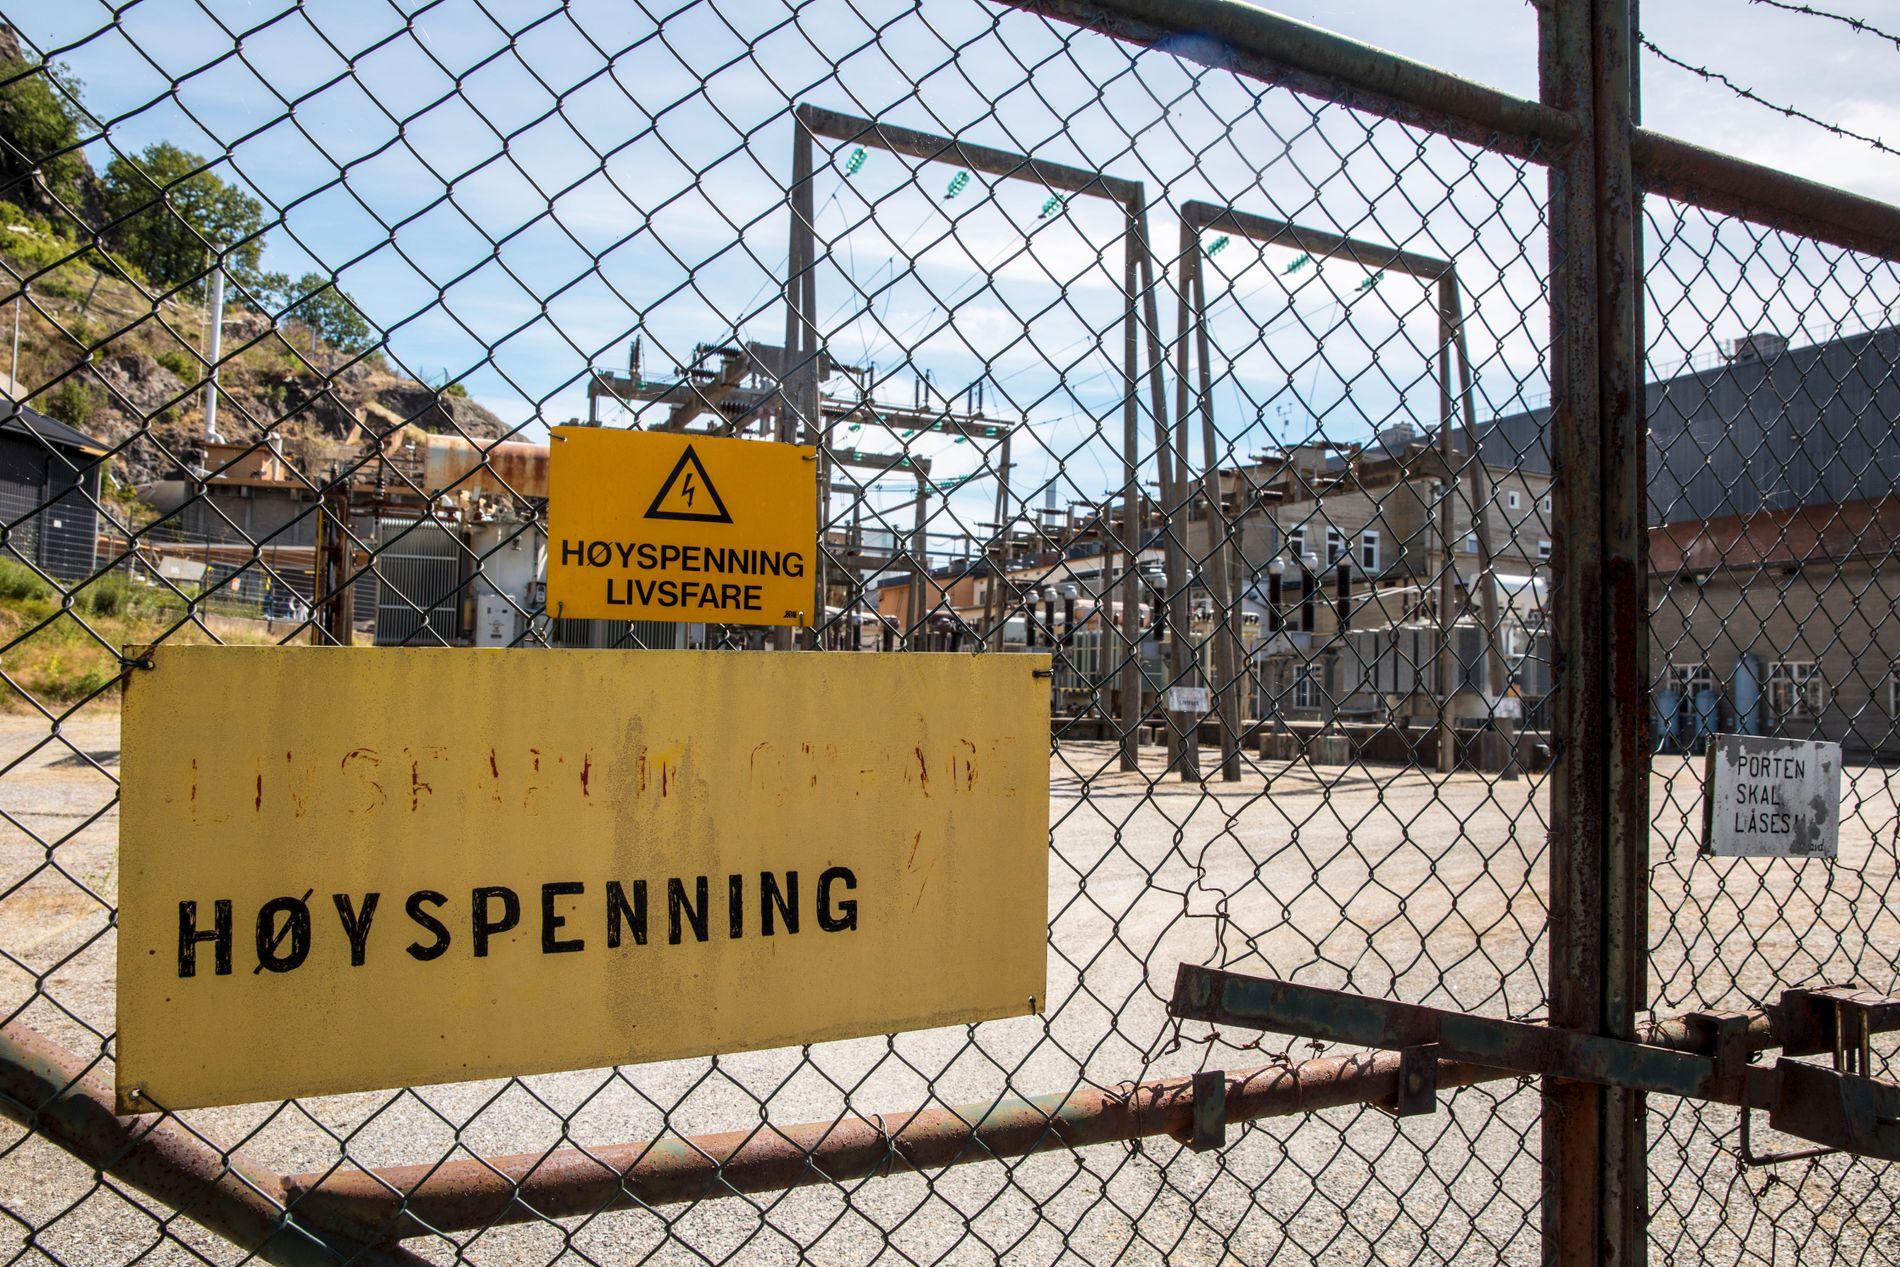 RISIKO:  Sikkerhet og risiko knyttet til reaktordrift er opplagte tema i en debatt om denne energiformen, skriver innsender. Bildet er av Haldenreaktoren, som ble lagt ned i 2018.